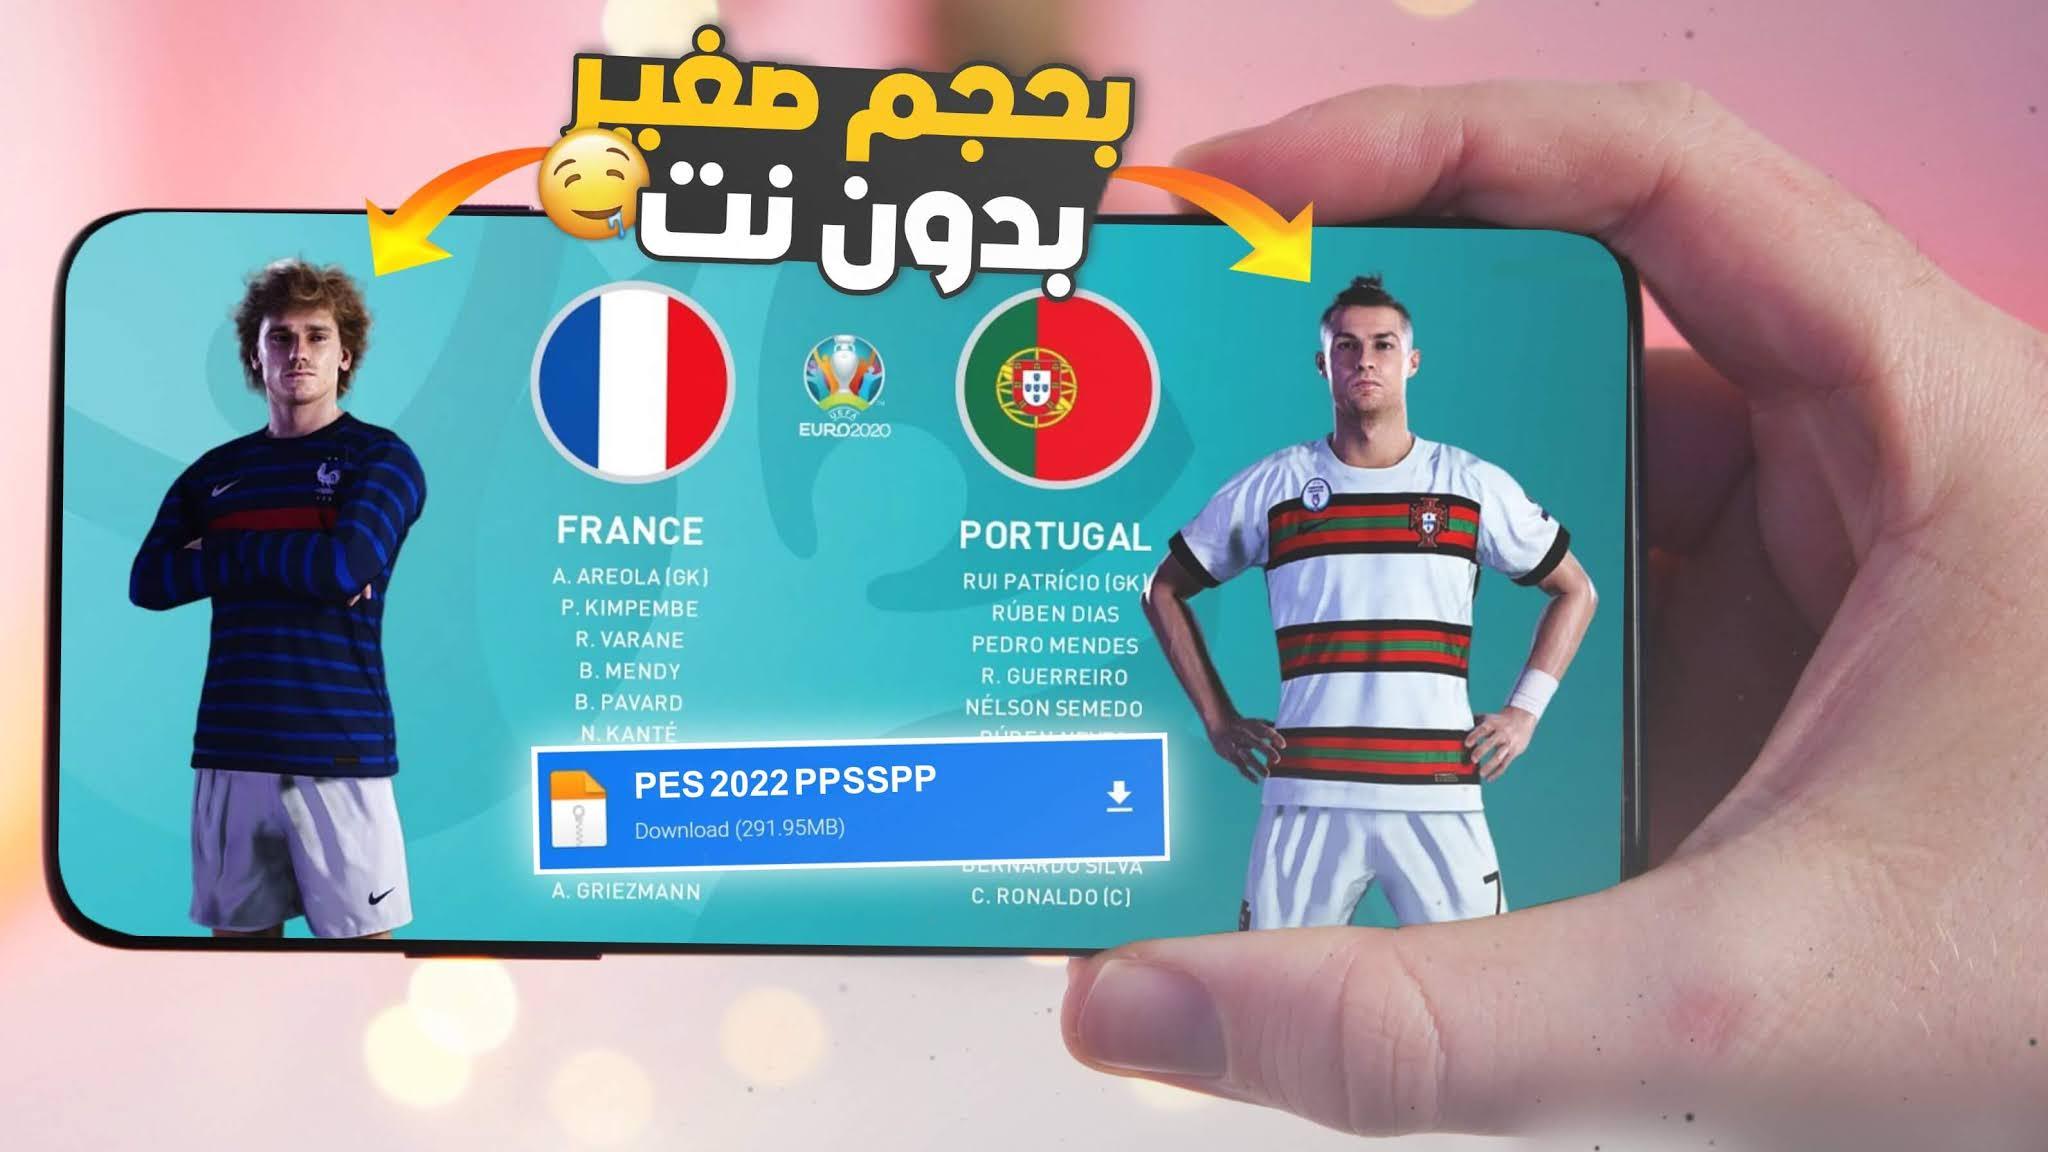 تحميل لعبة بيس 2022 PES للاندرويد PPSSPP تعليق عربي بدون نت بحجم صغير | الدوري المصري الاهلي والزمالك